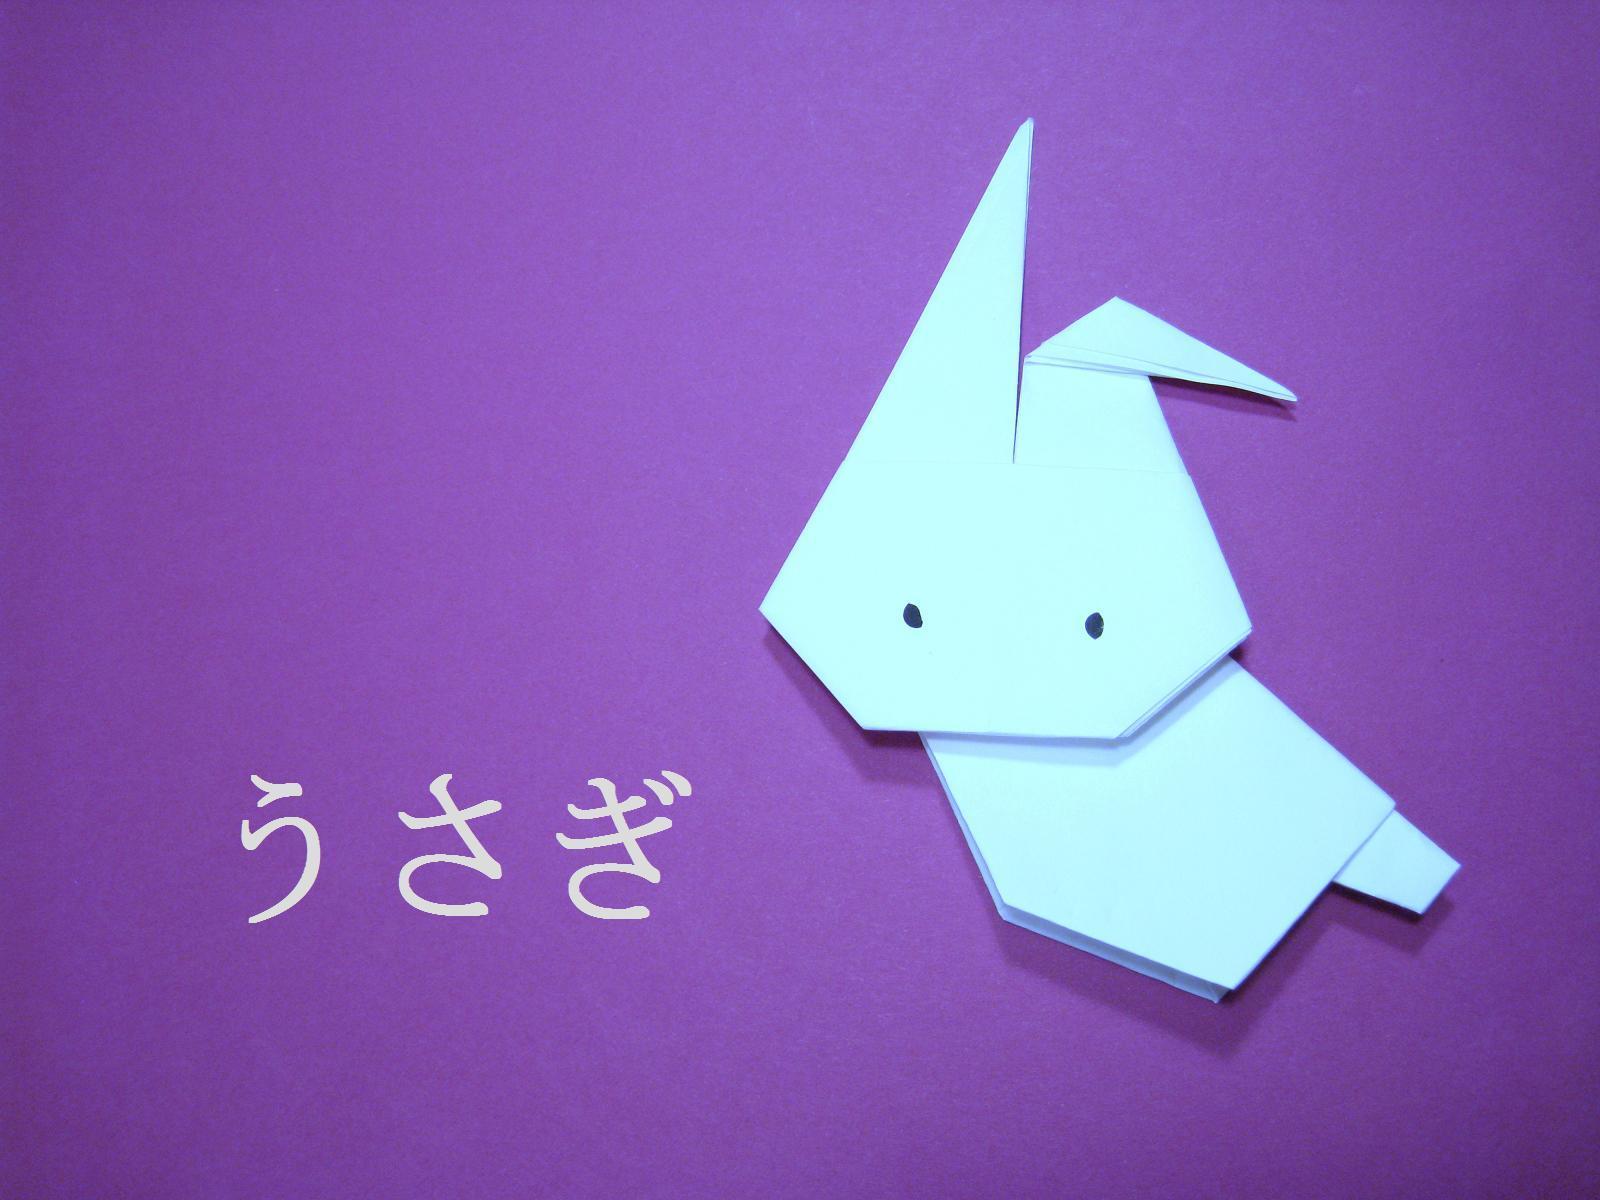 折り紙 ひな祭り お雛様の折り方 ひな人形を簡単工作 | ナゼナ ...